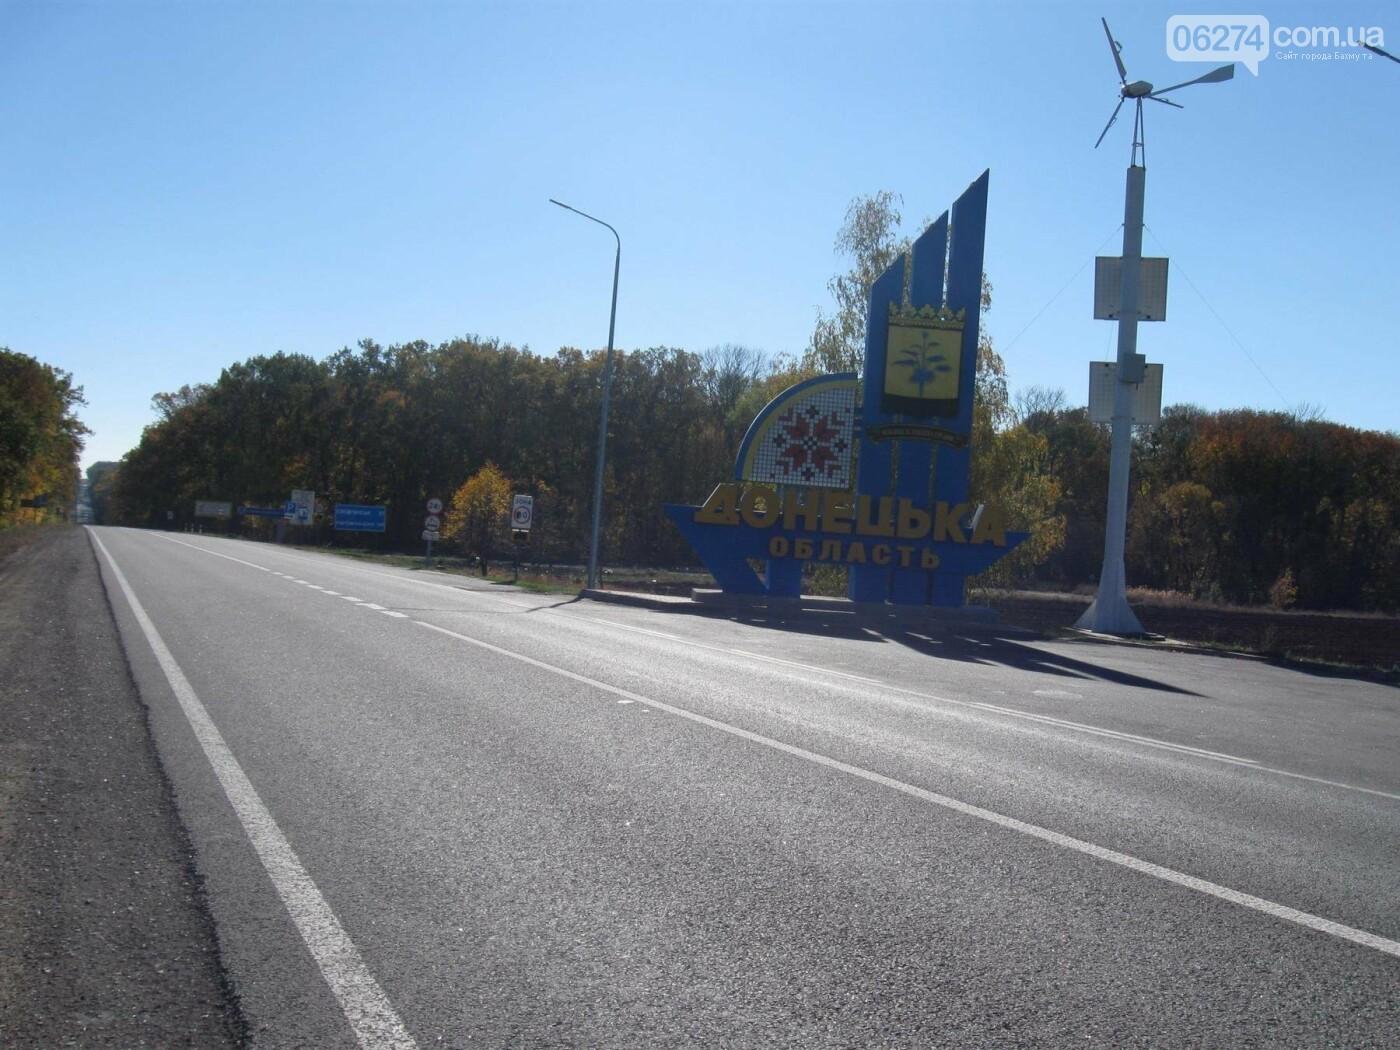 Завершен ремонт участка международной трассы от Славянска в направлении Бахмута, фото-4